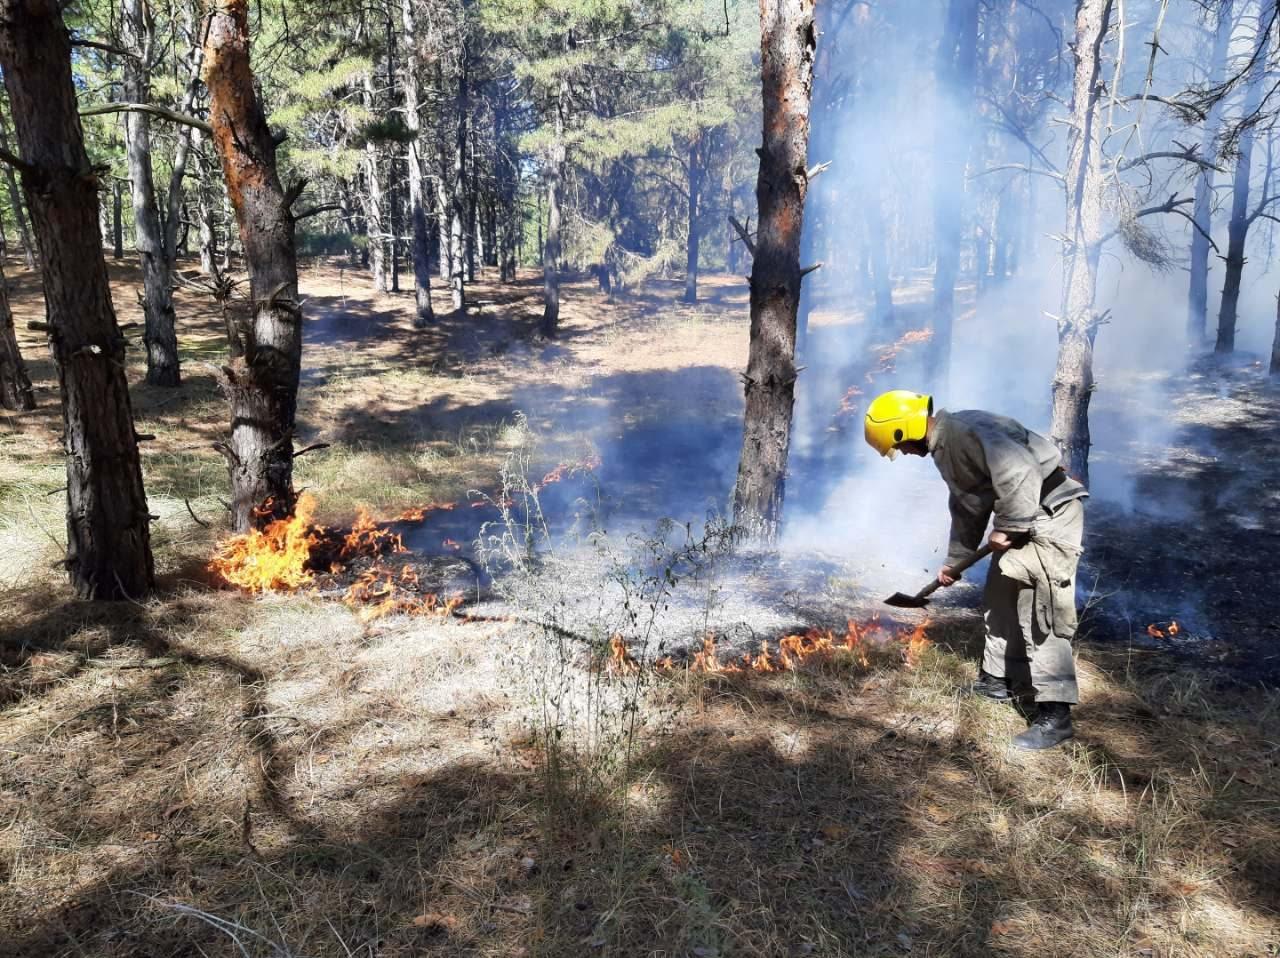 На Херсонщине спасатели и лесники потушили лесной пожар